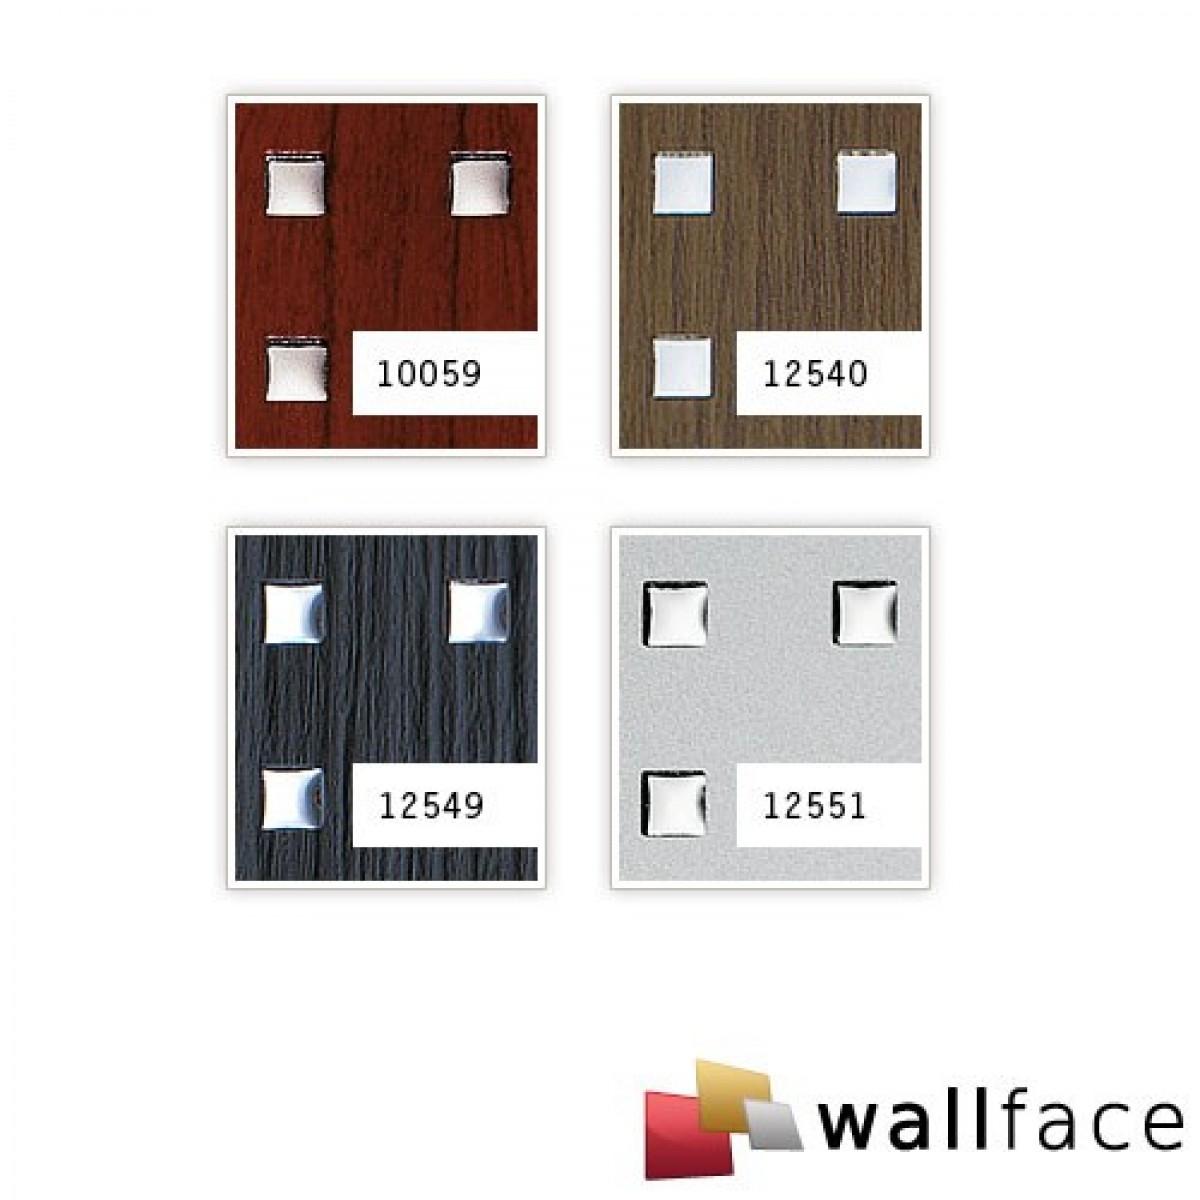 Panou decorativ PUNCH 3D 12551, WallFace, autocolant